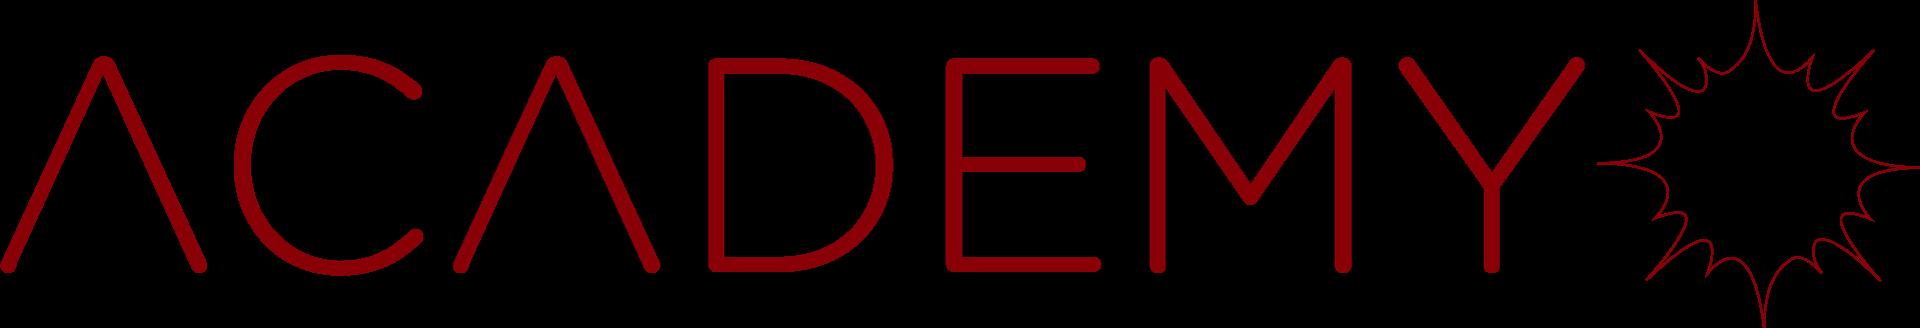 logo-Academy-rosso